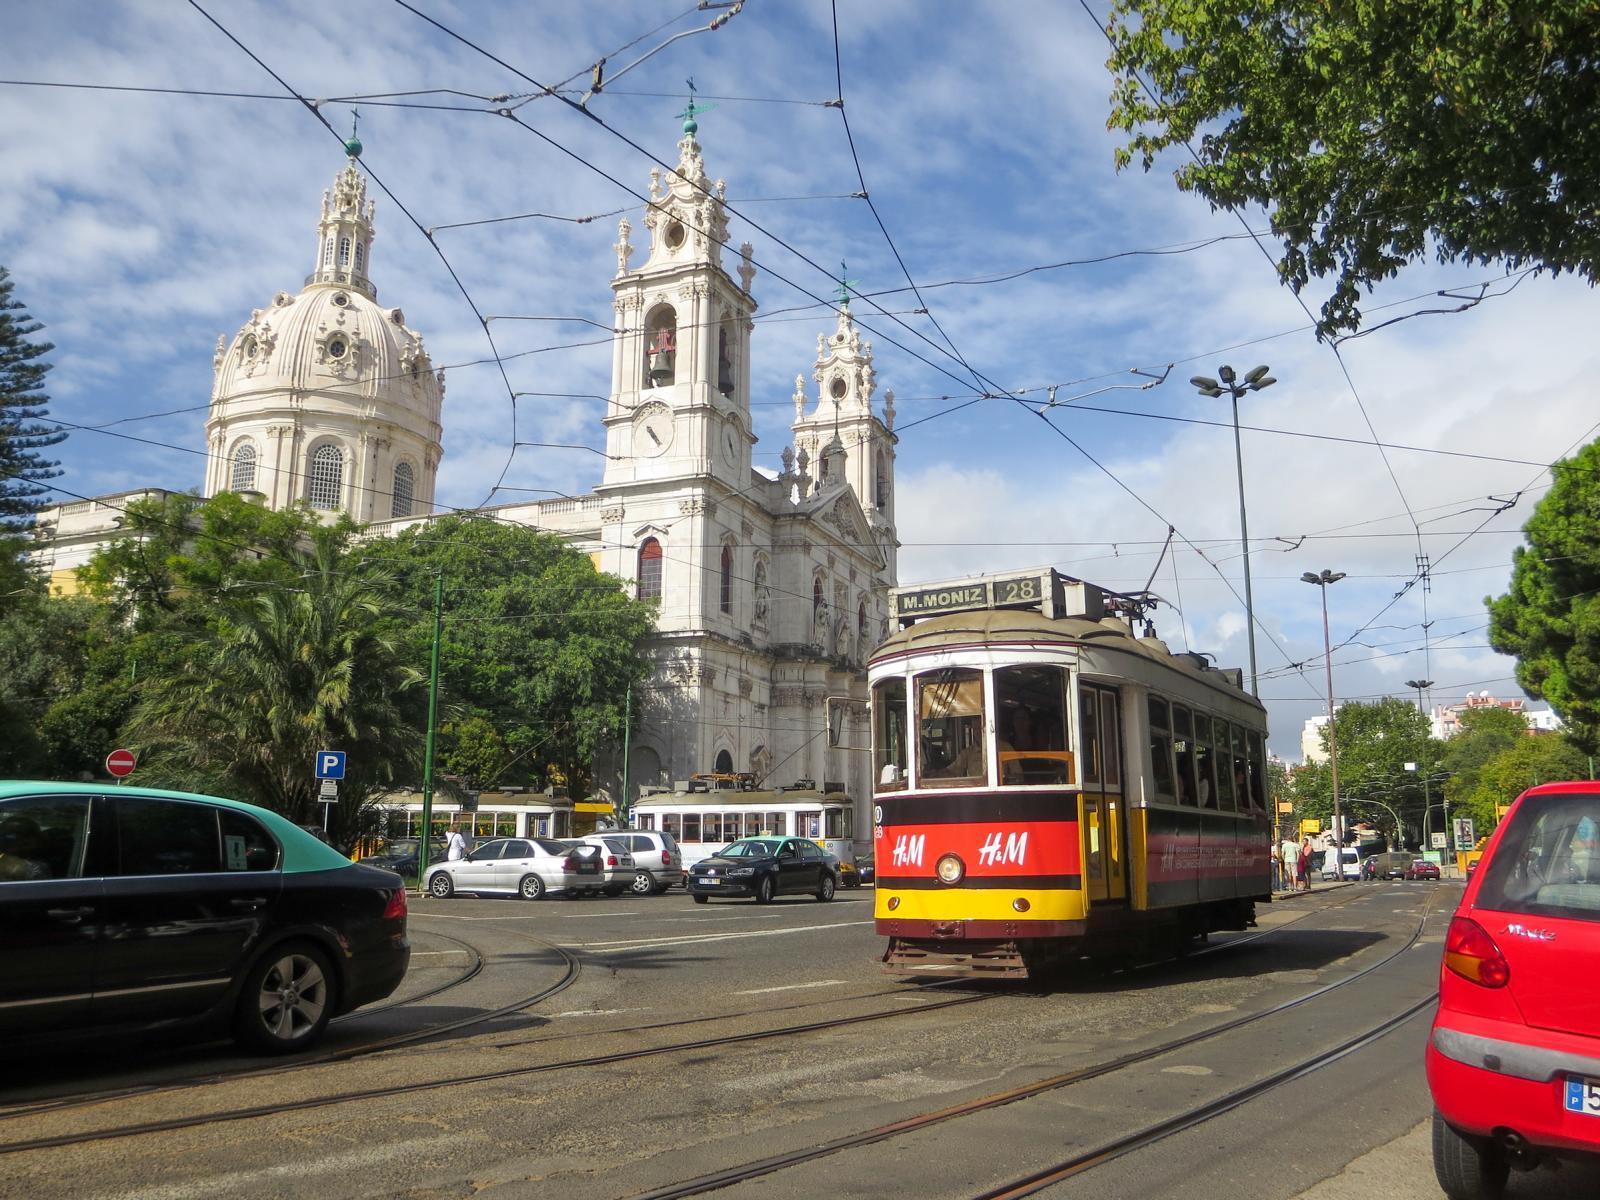 Städtereise Lissabon Sehenswürdigkeiten Kirche Basílica da Estrela Portugal